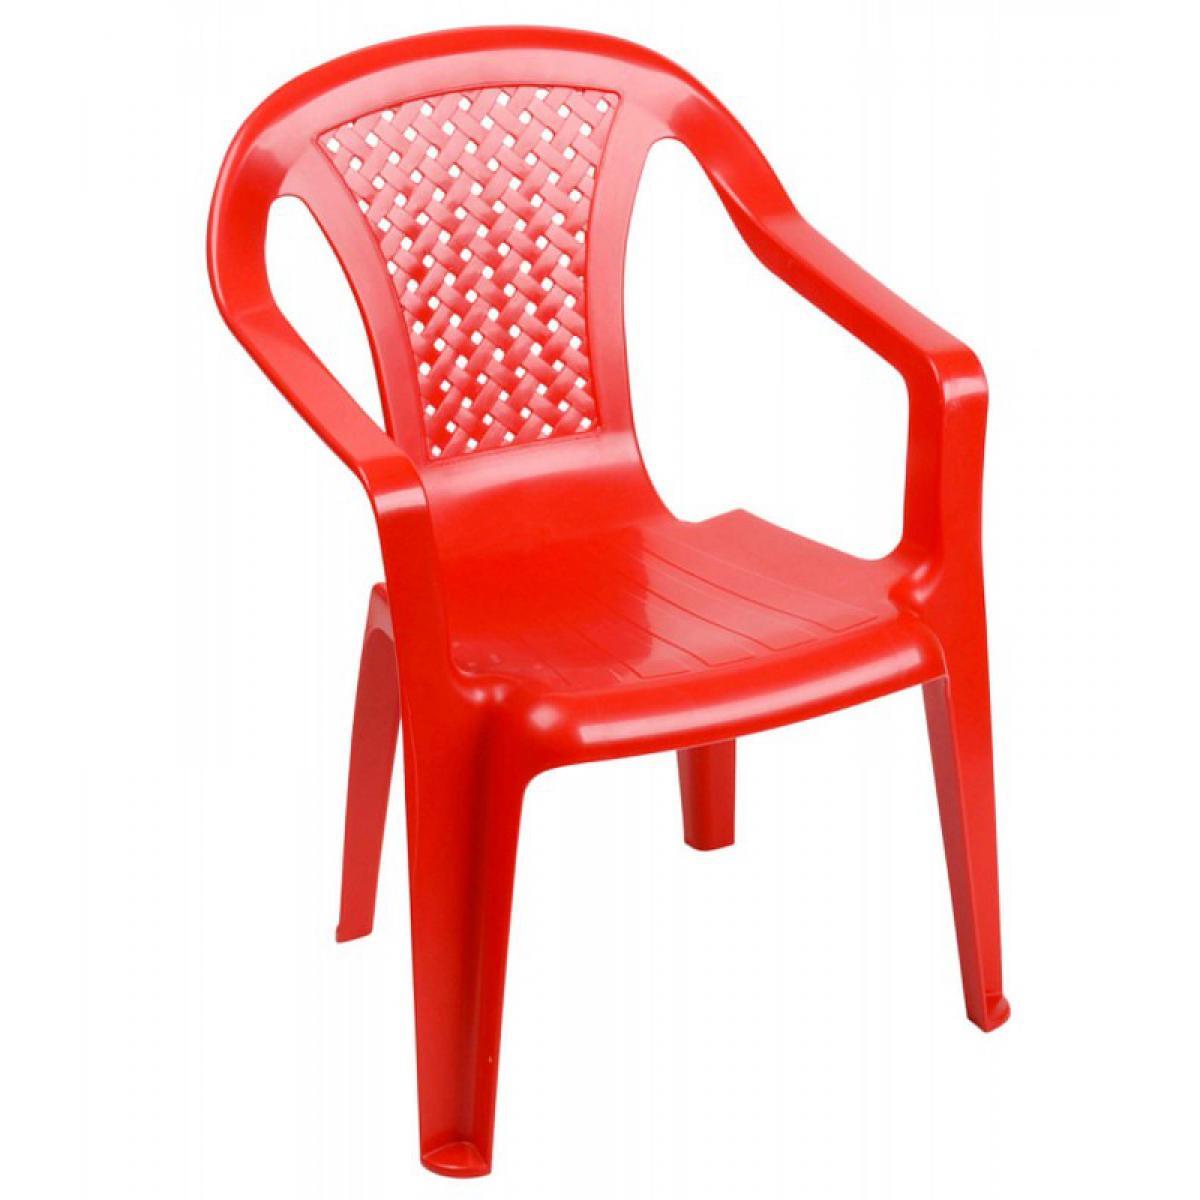 Wadiga Chaise de Jardin pour Enfant Plastique Rouge Empilable